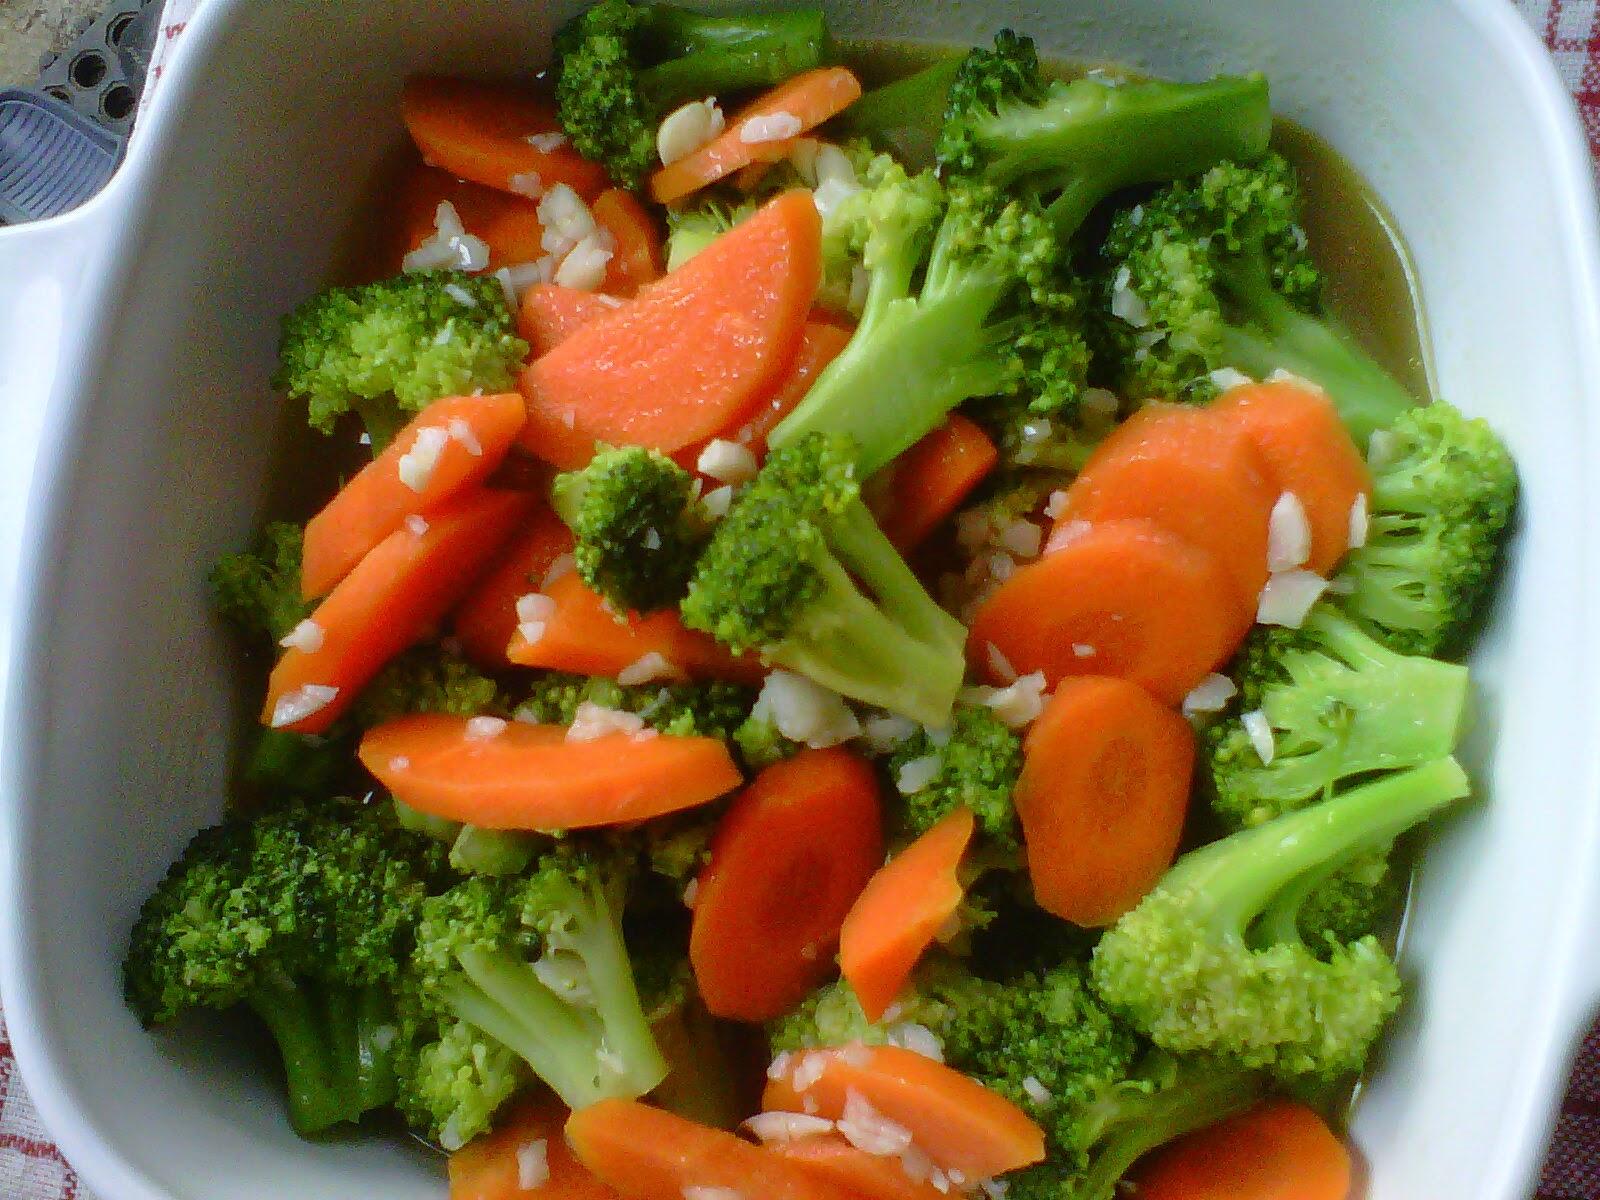 Manfaat Sayuran Dan Buah – Buah Yang Baik Untuk Program Diet Sehat Alami